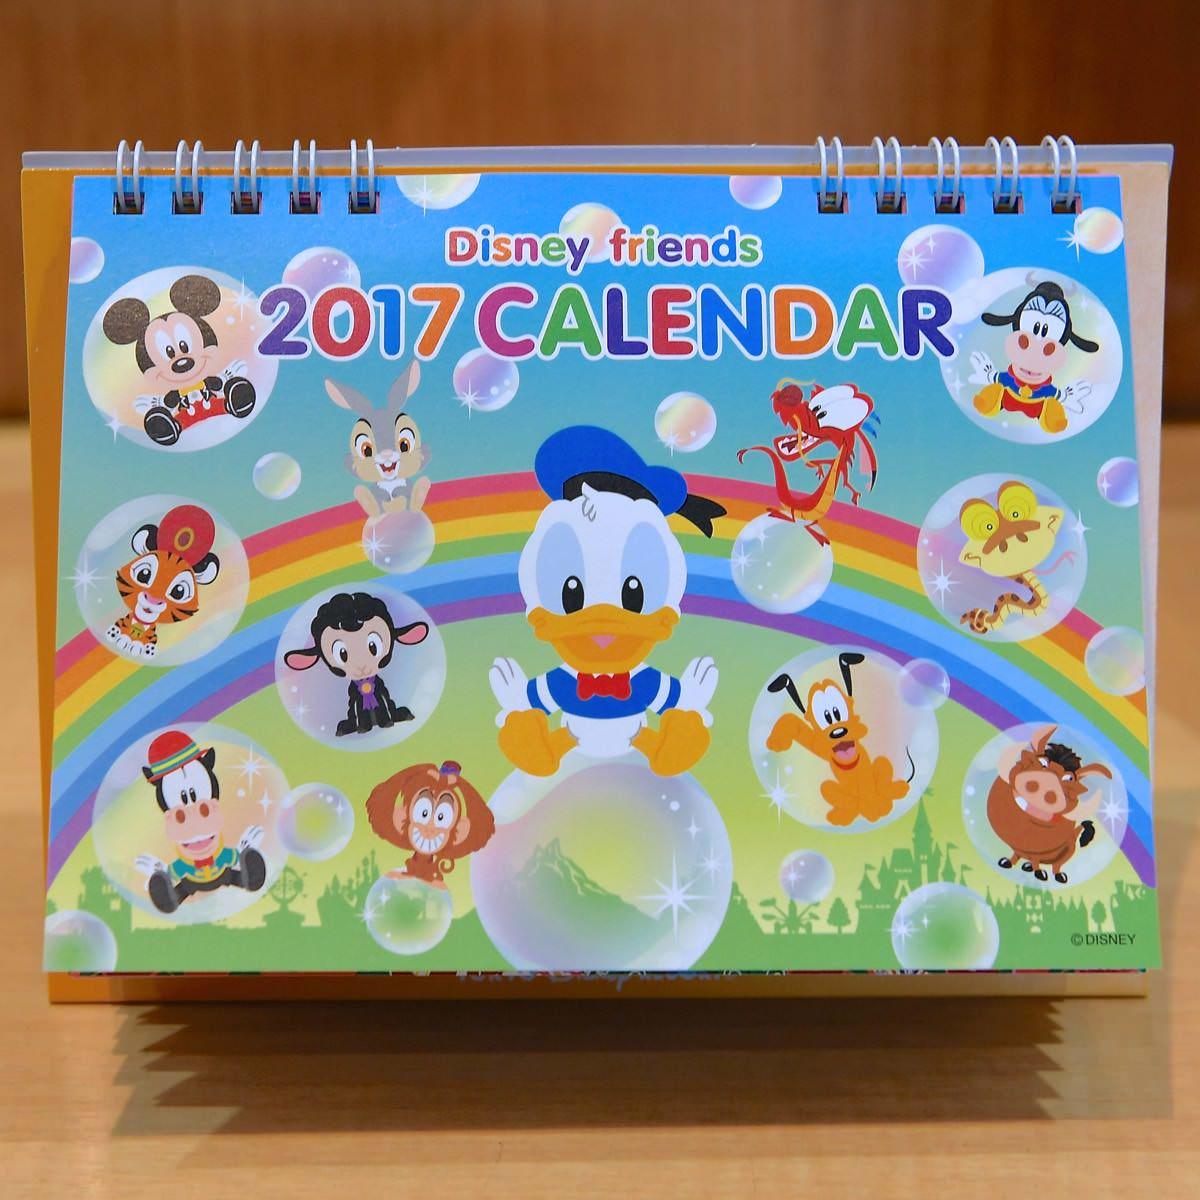 実写デザインも豊富☆東京ディズニーランド2017年カレンダー